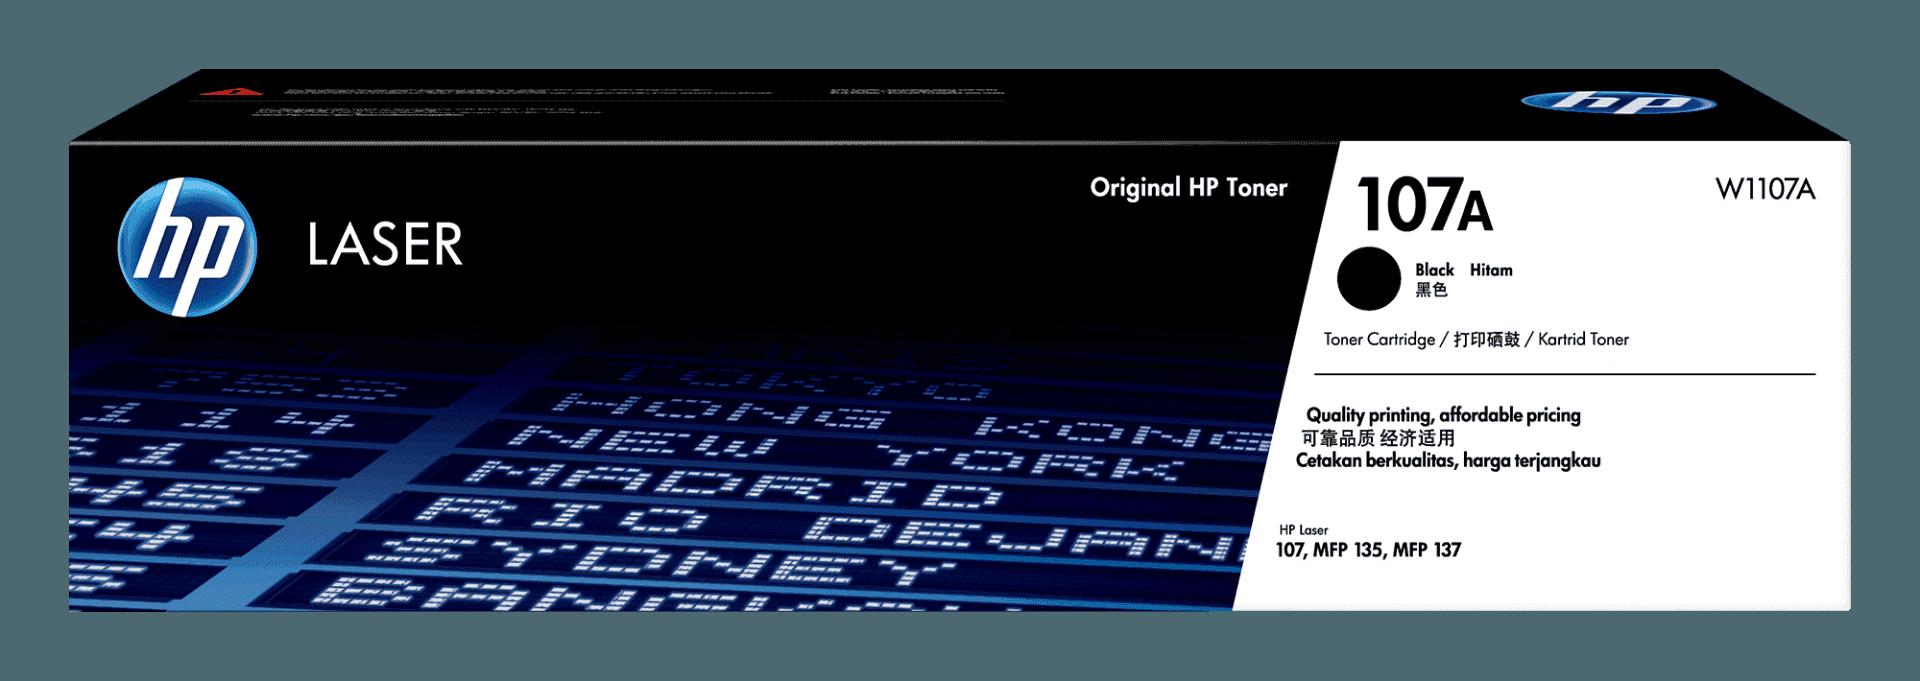 Hộp mực in HP 107A chính hãng (W1107A)